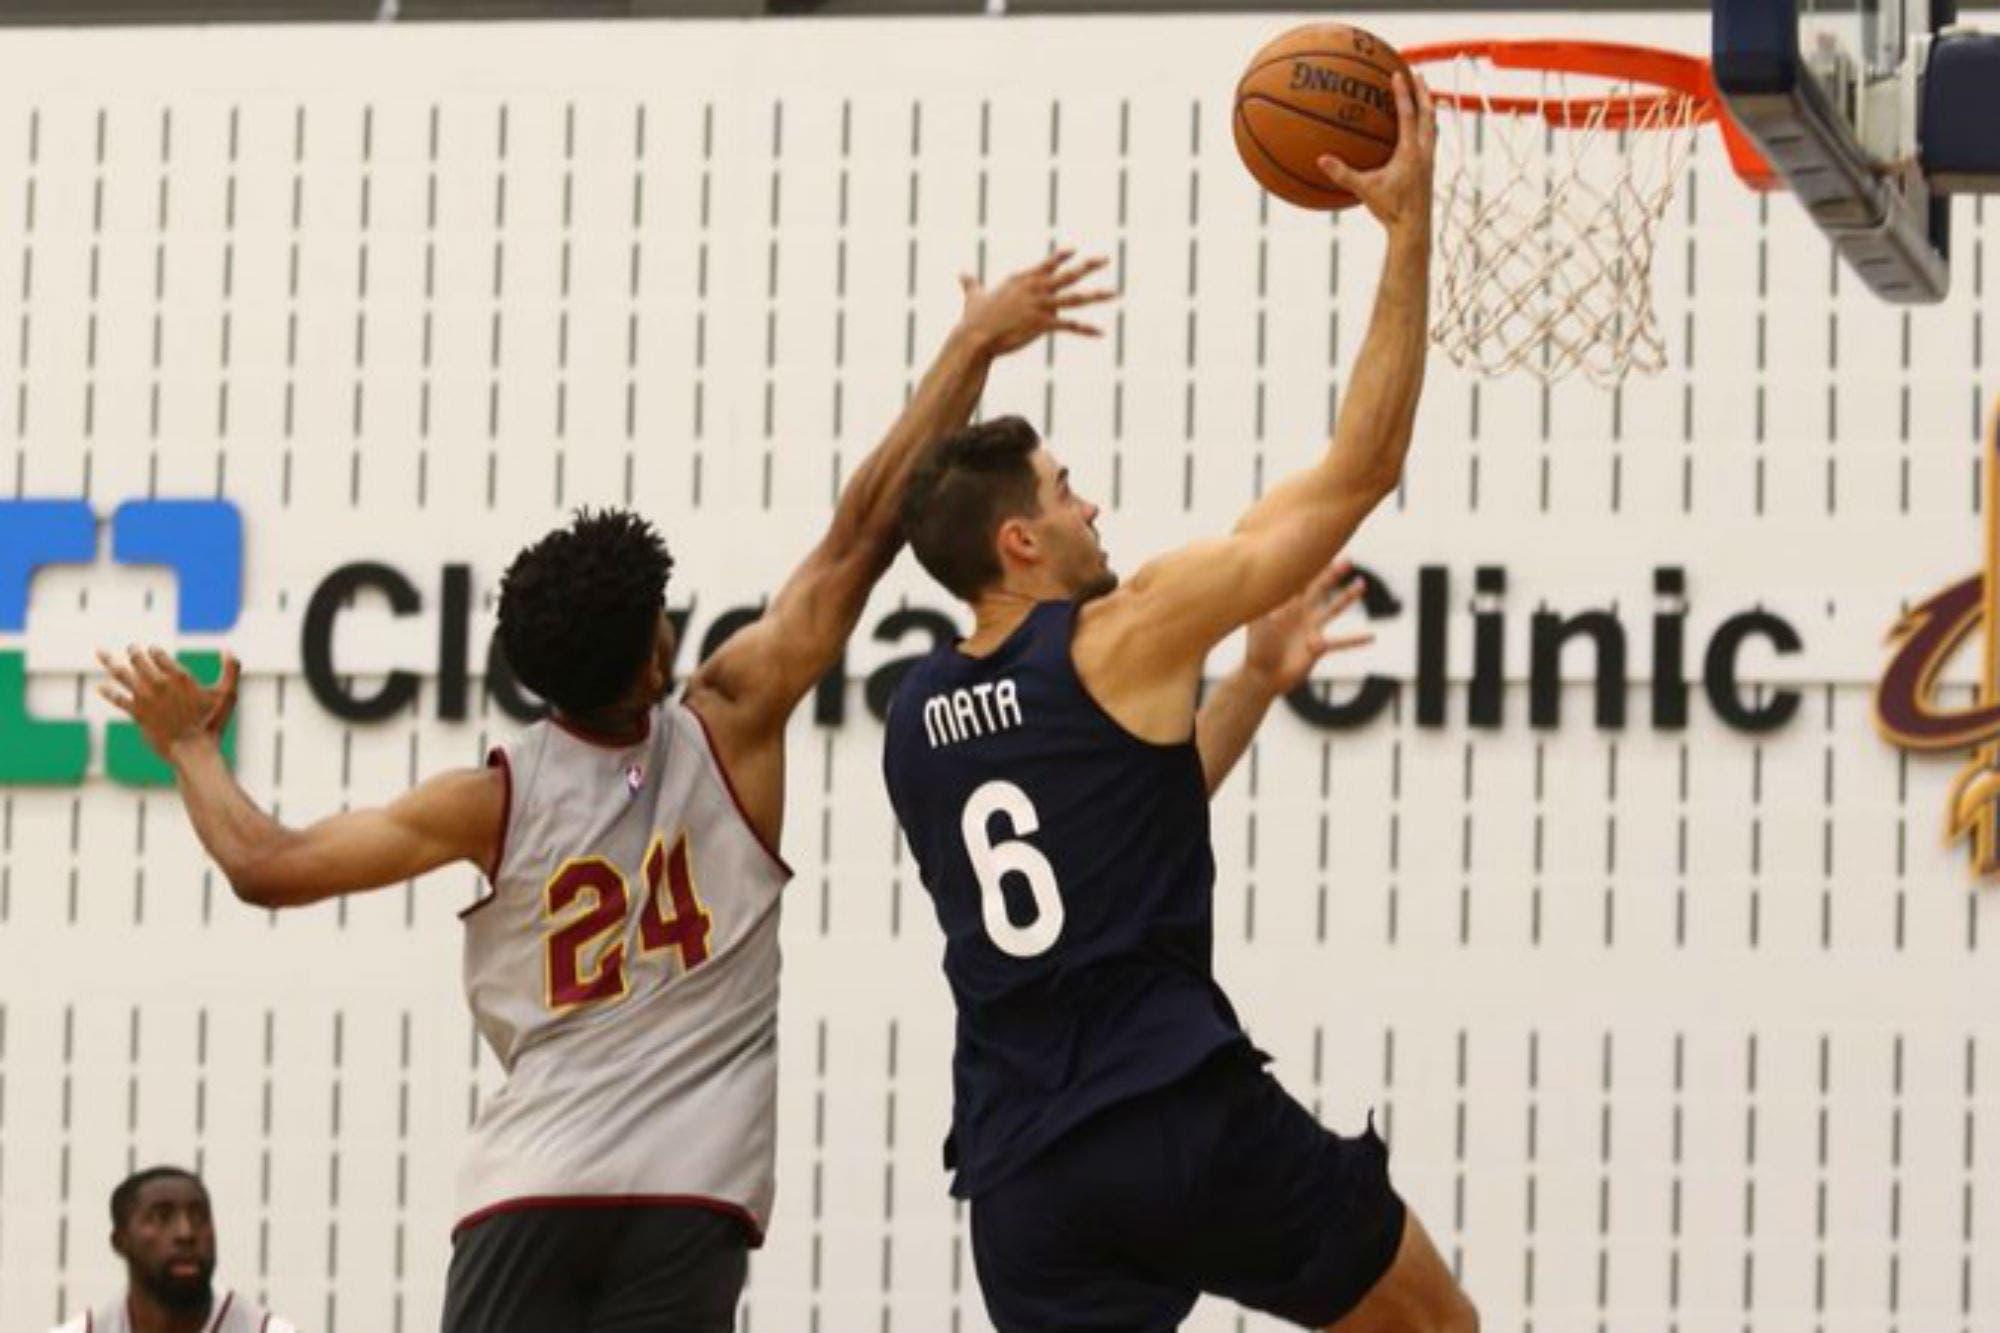 San Lorenzo en la NBA: la práctica antes del desafío con Cleveland y el fanático que no podía dejar de llorar